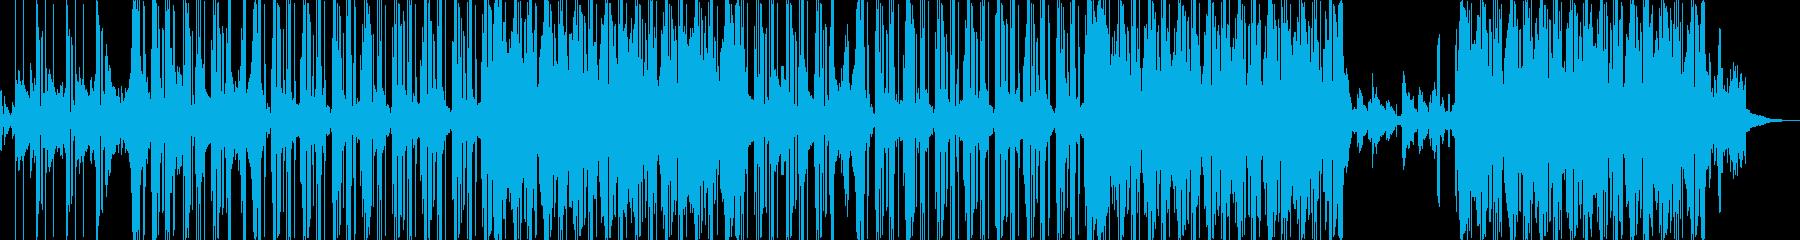 ピアノとノイズリズムで作る切ないトラックの再生済みの波形